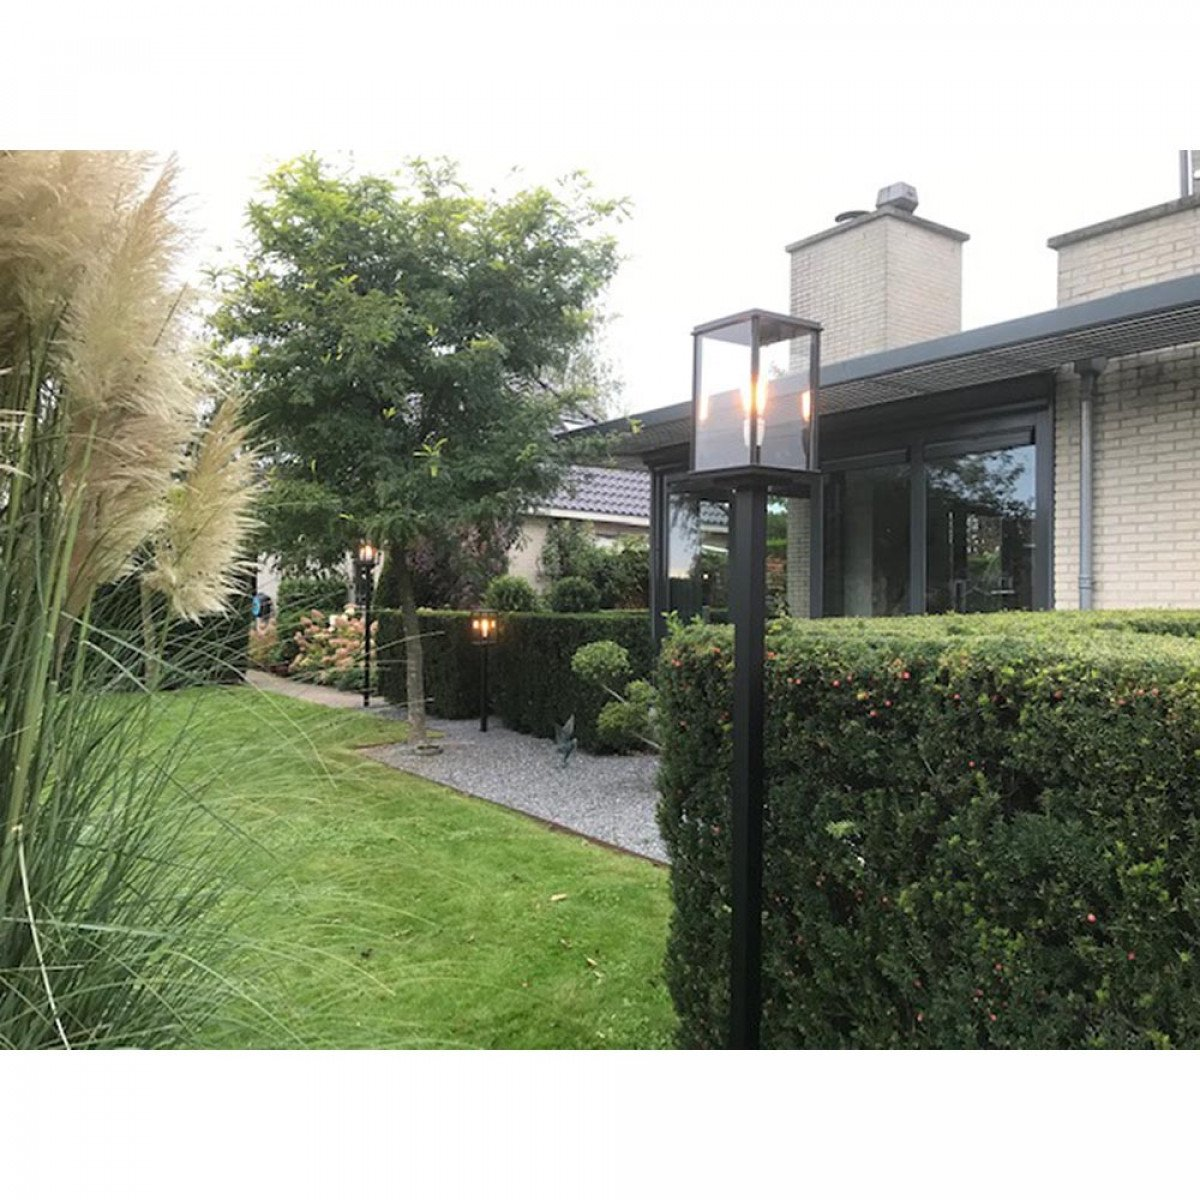 Tuinlamp Capital lantaarn 1 lichts zwart kwaliteitsverlichting van KS Verlichting exclusieve tuinverlichting sfeervol en functioneel